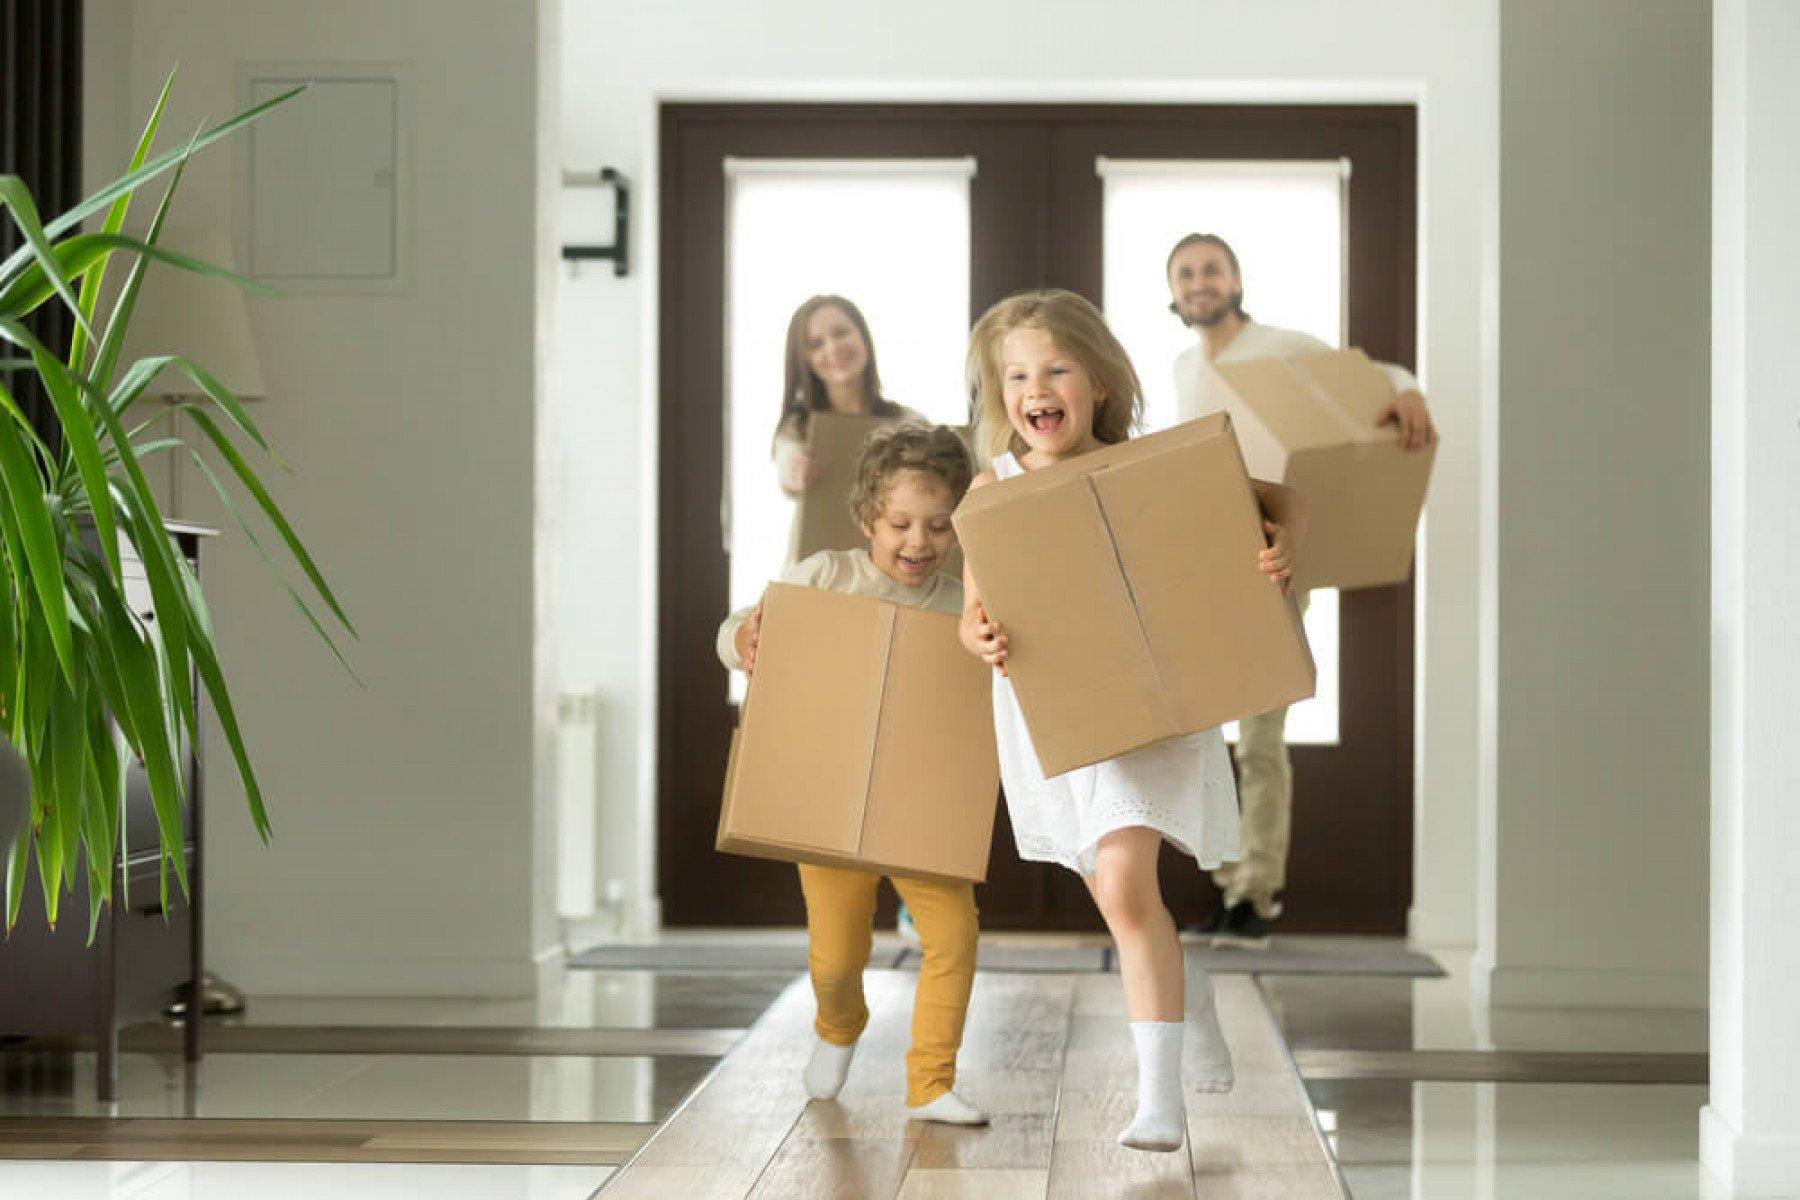 Familj springer in med flyttlådor i ett hus